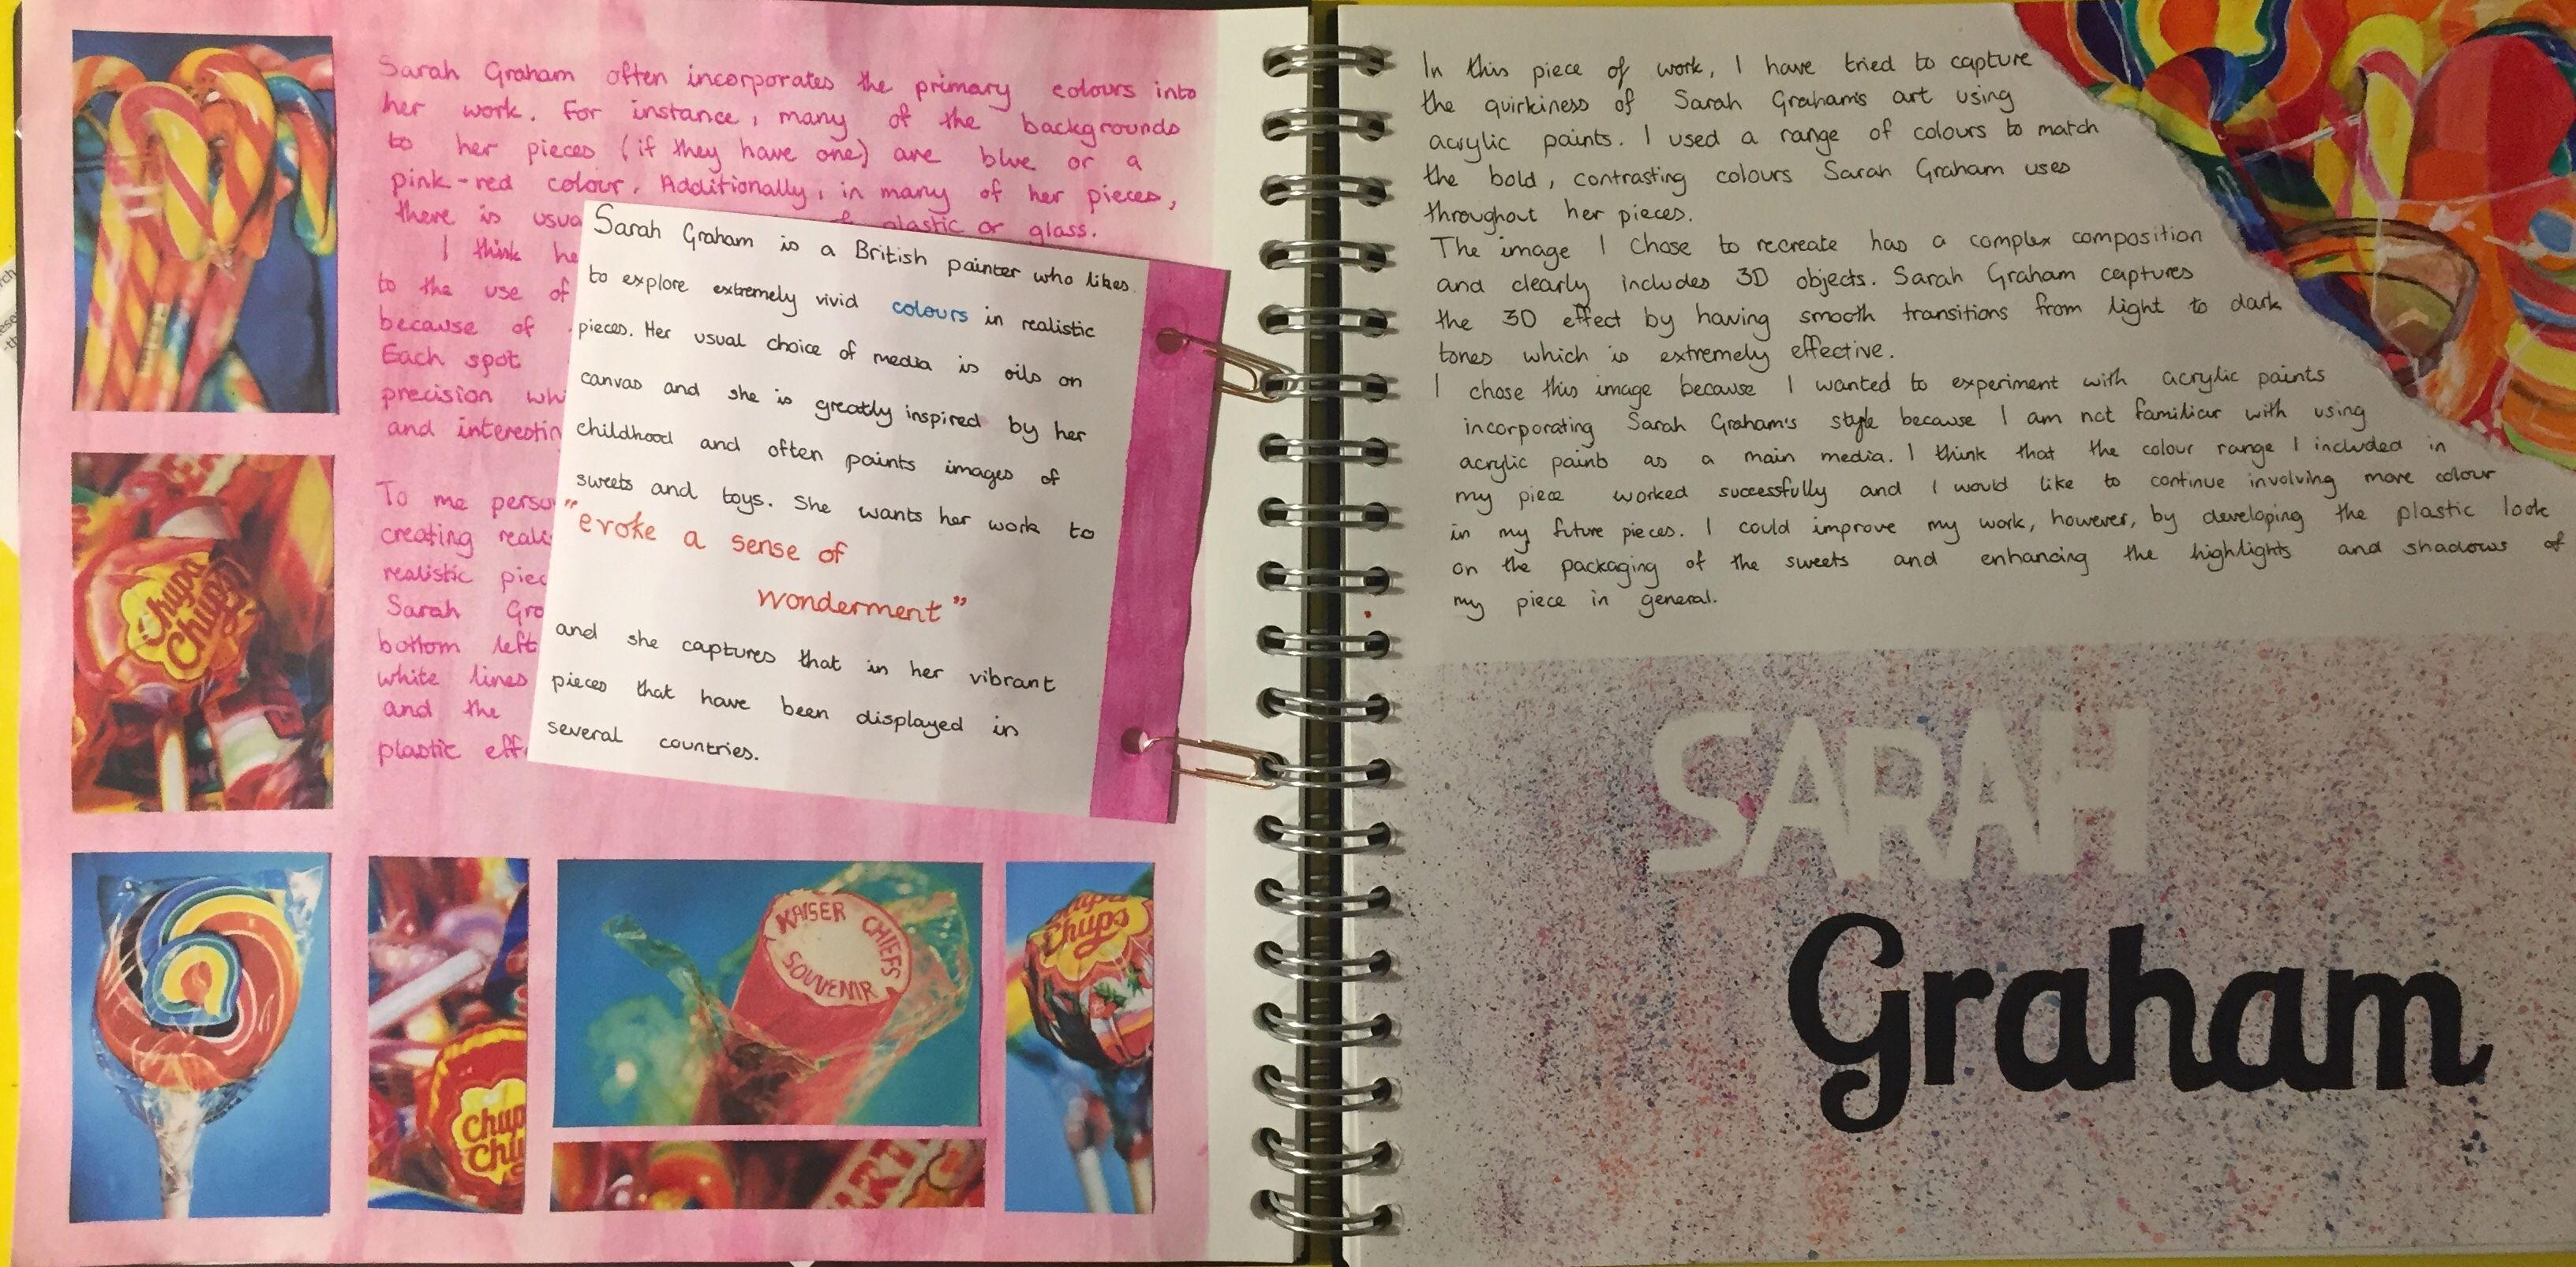 Sarah Graham Title Page Art Gcse Food